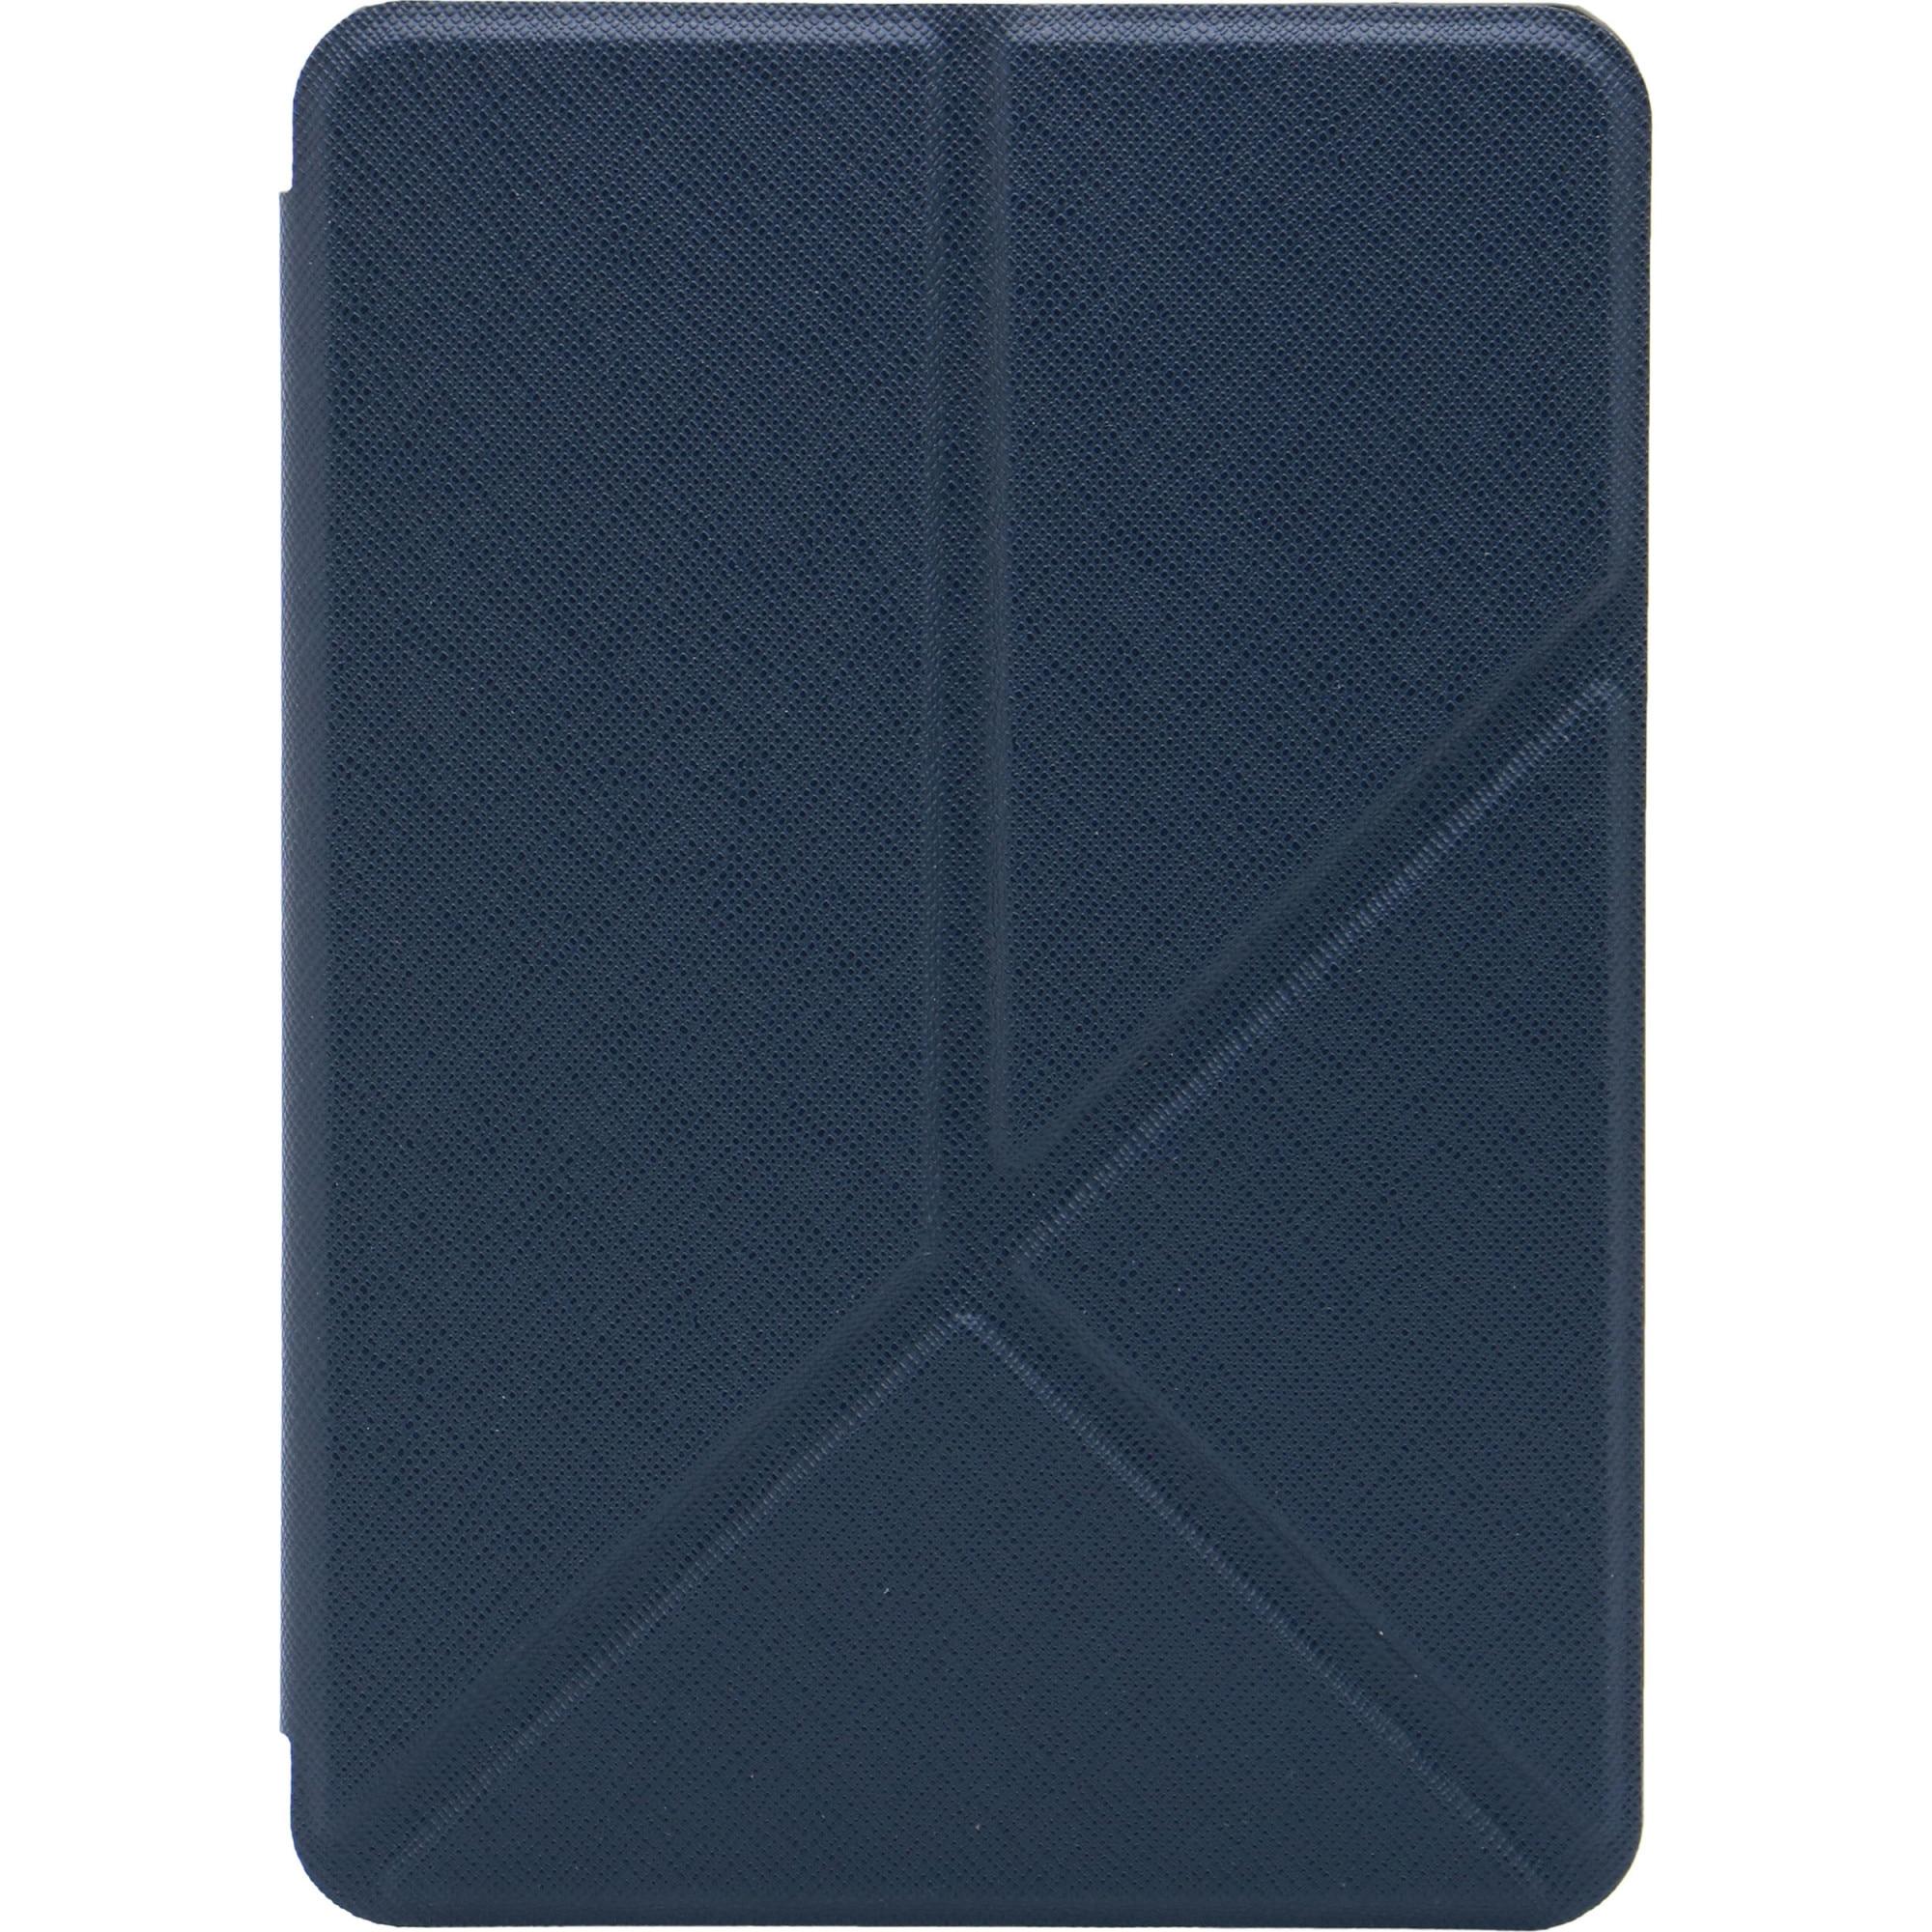 Fotografie Husa de protectie A+ Slim pentru Kindle Paperwhite 4 (10th Generation-2018), Origami